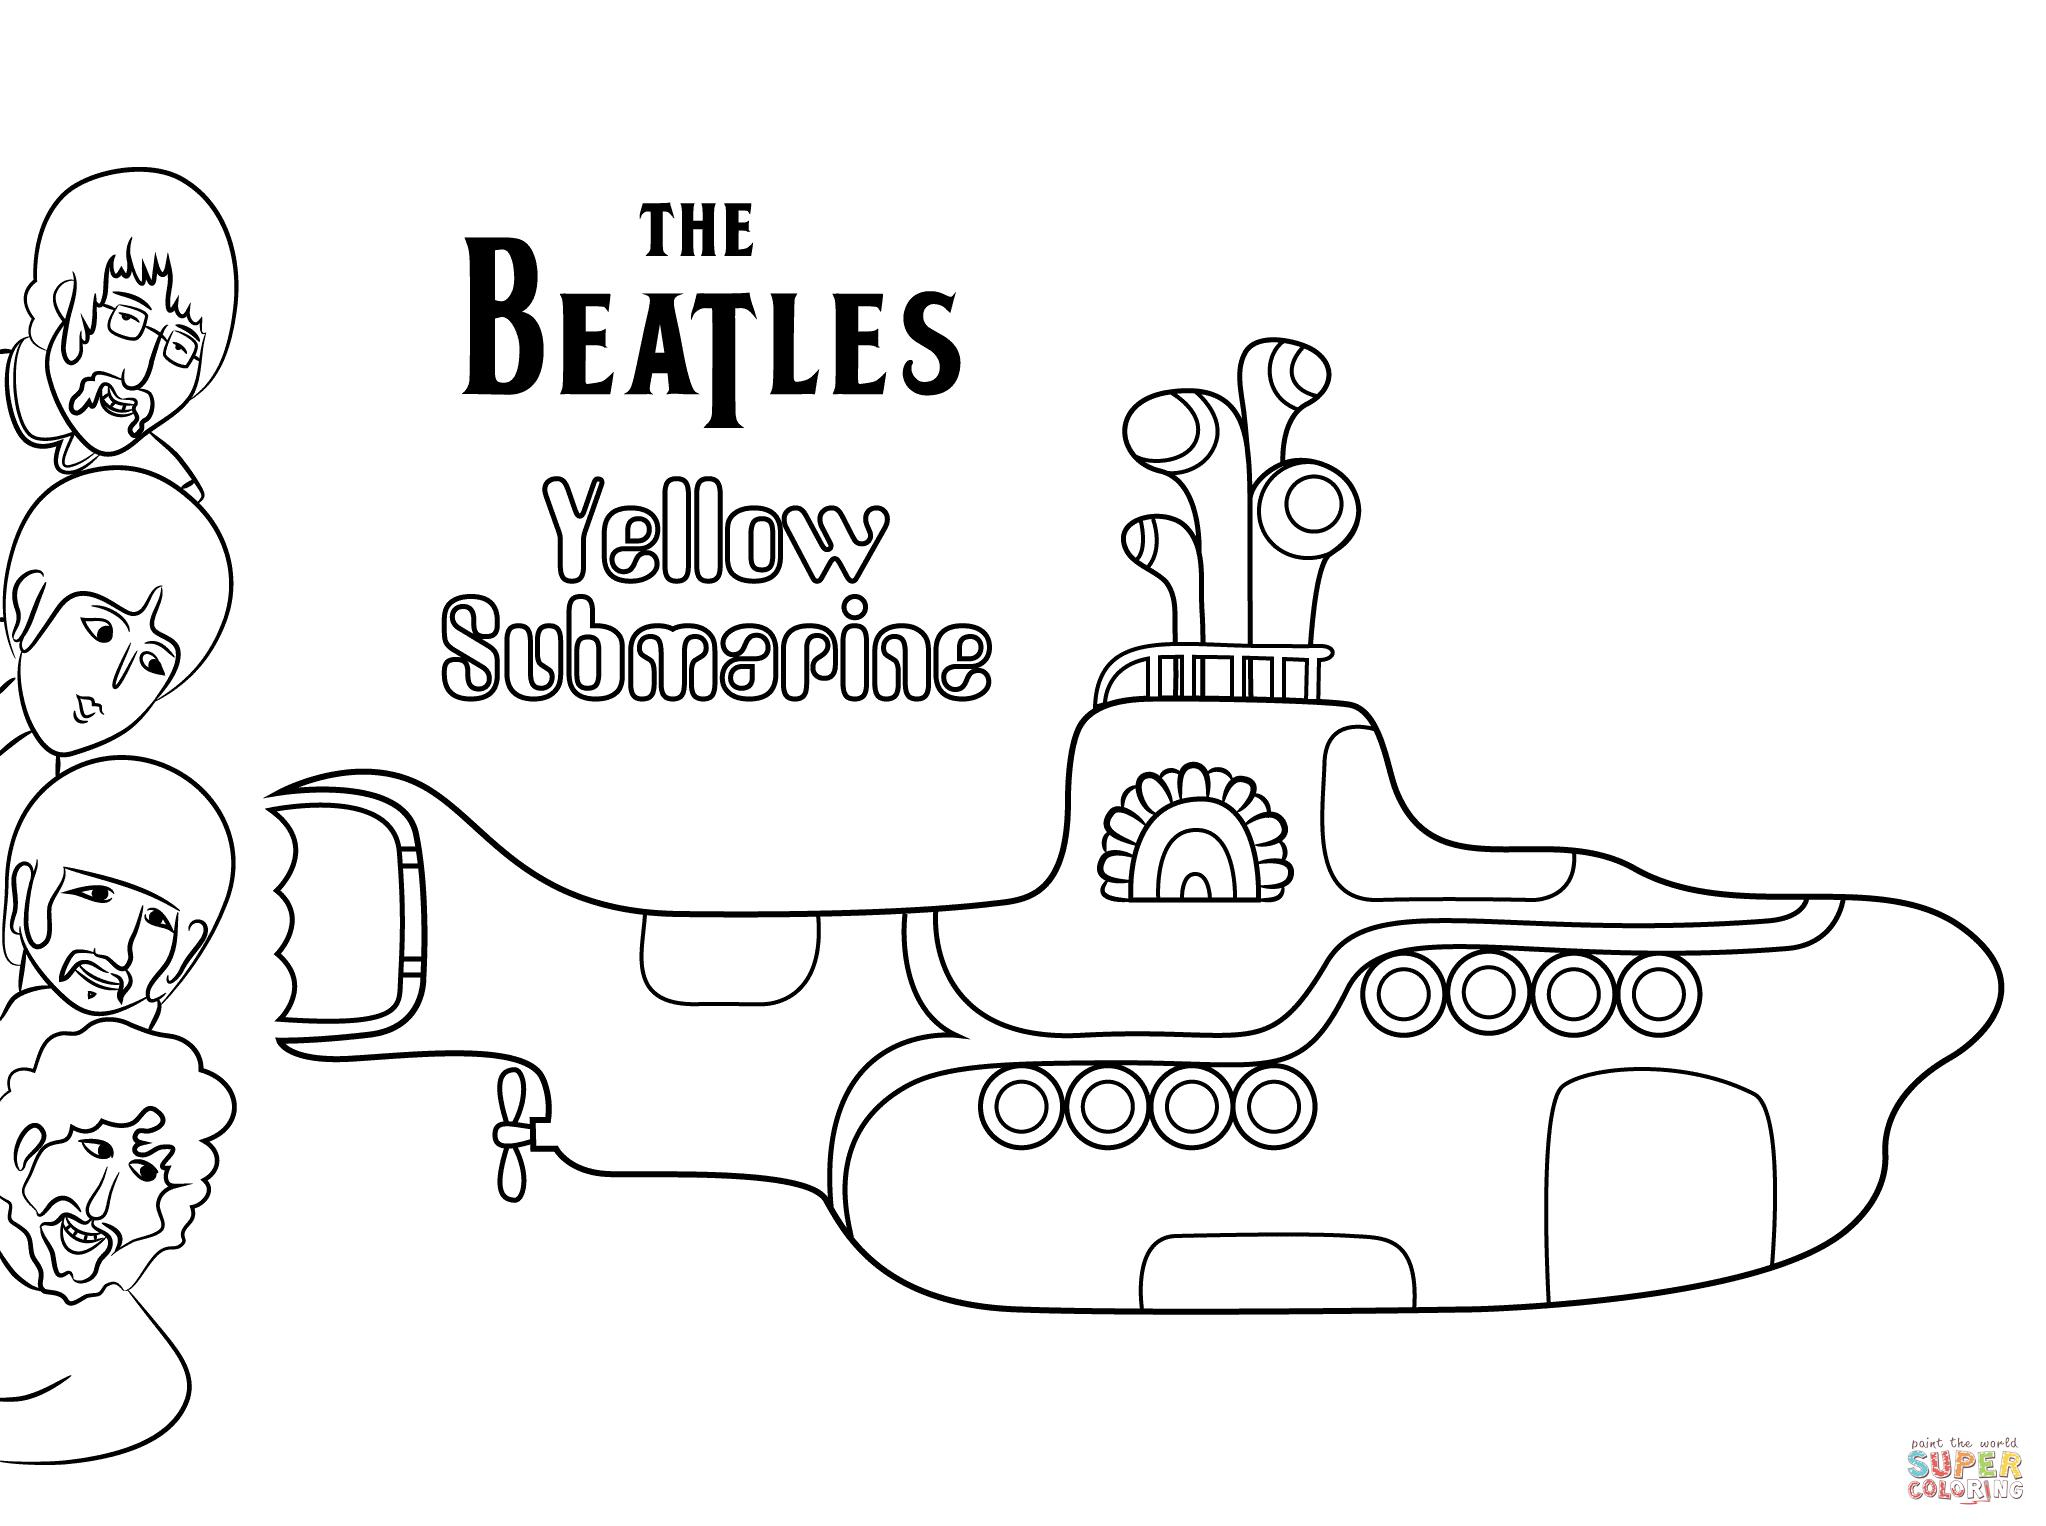 Dibujo De Disco Submarino Amarillo De Los Beatles Para Colorear Dibujos Para Colorear Impr Submarino Amarillo Tatuajes De Los Beatles Submarino Para Colorear